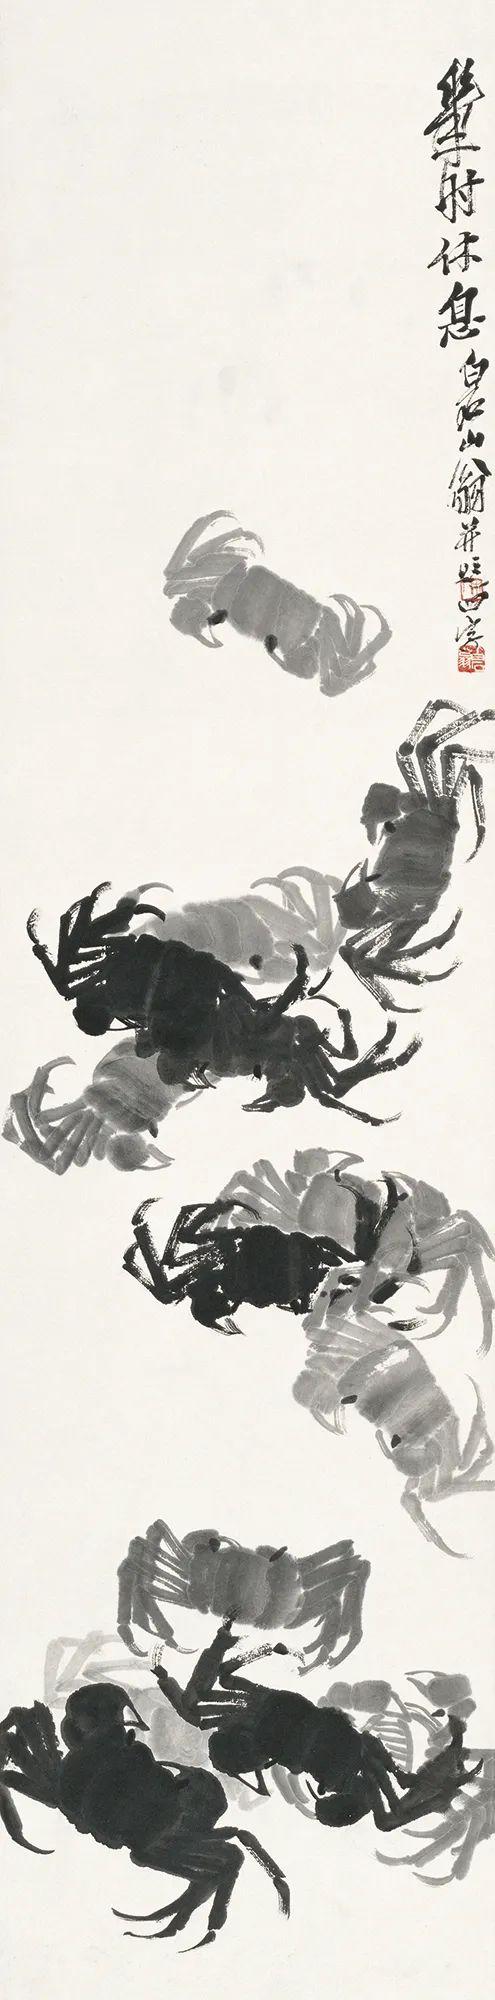 齐白石早年画的螃蟹什么样?